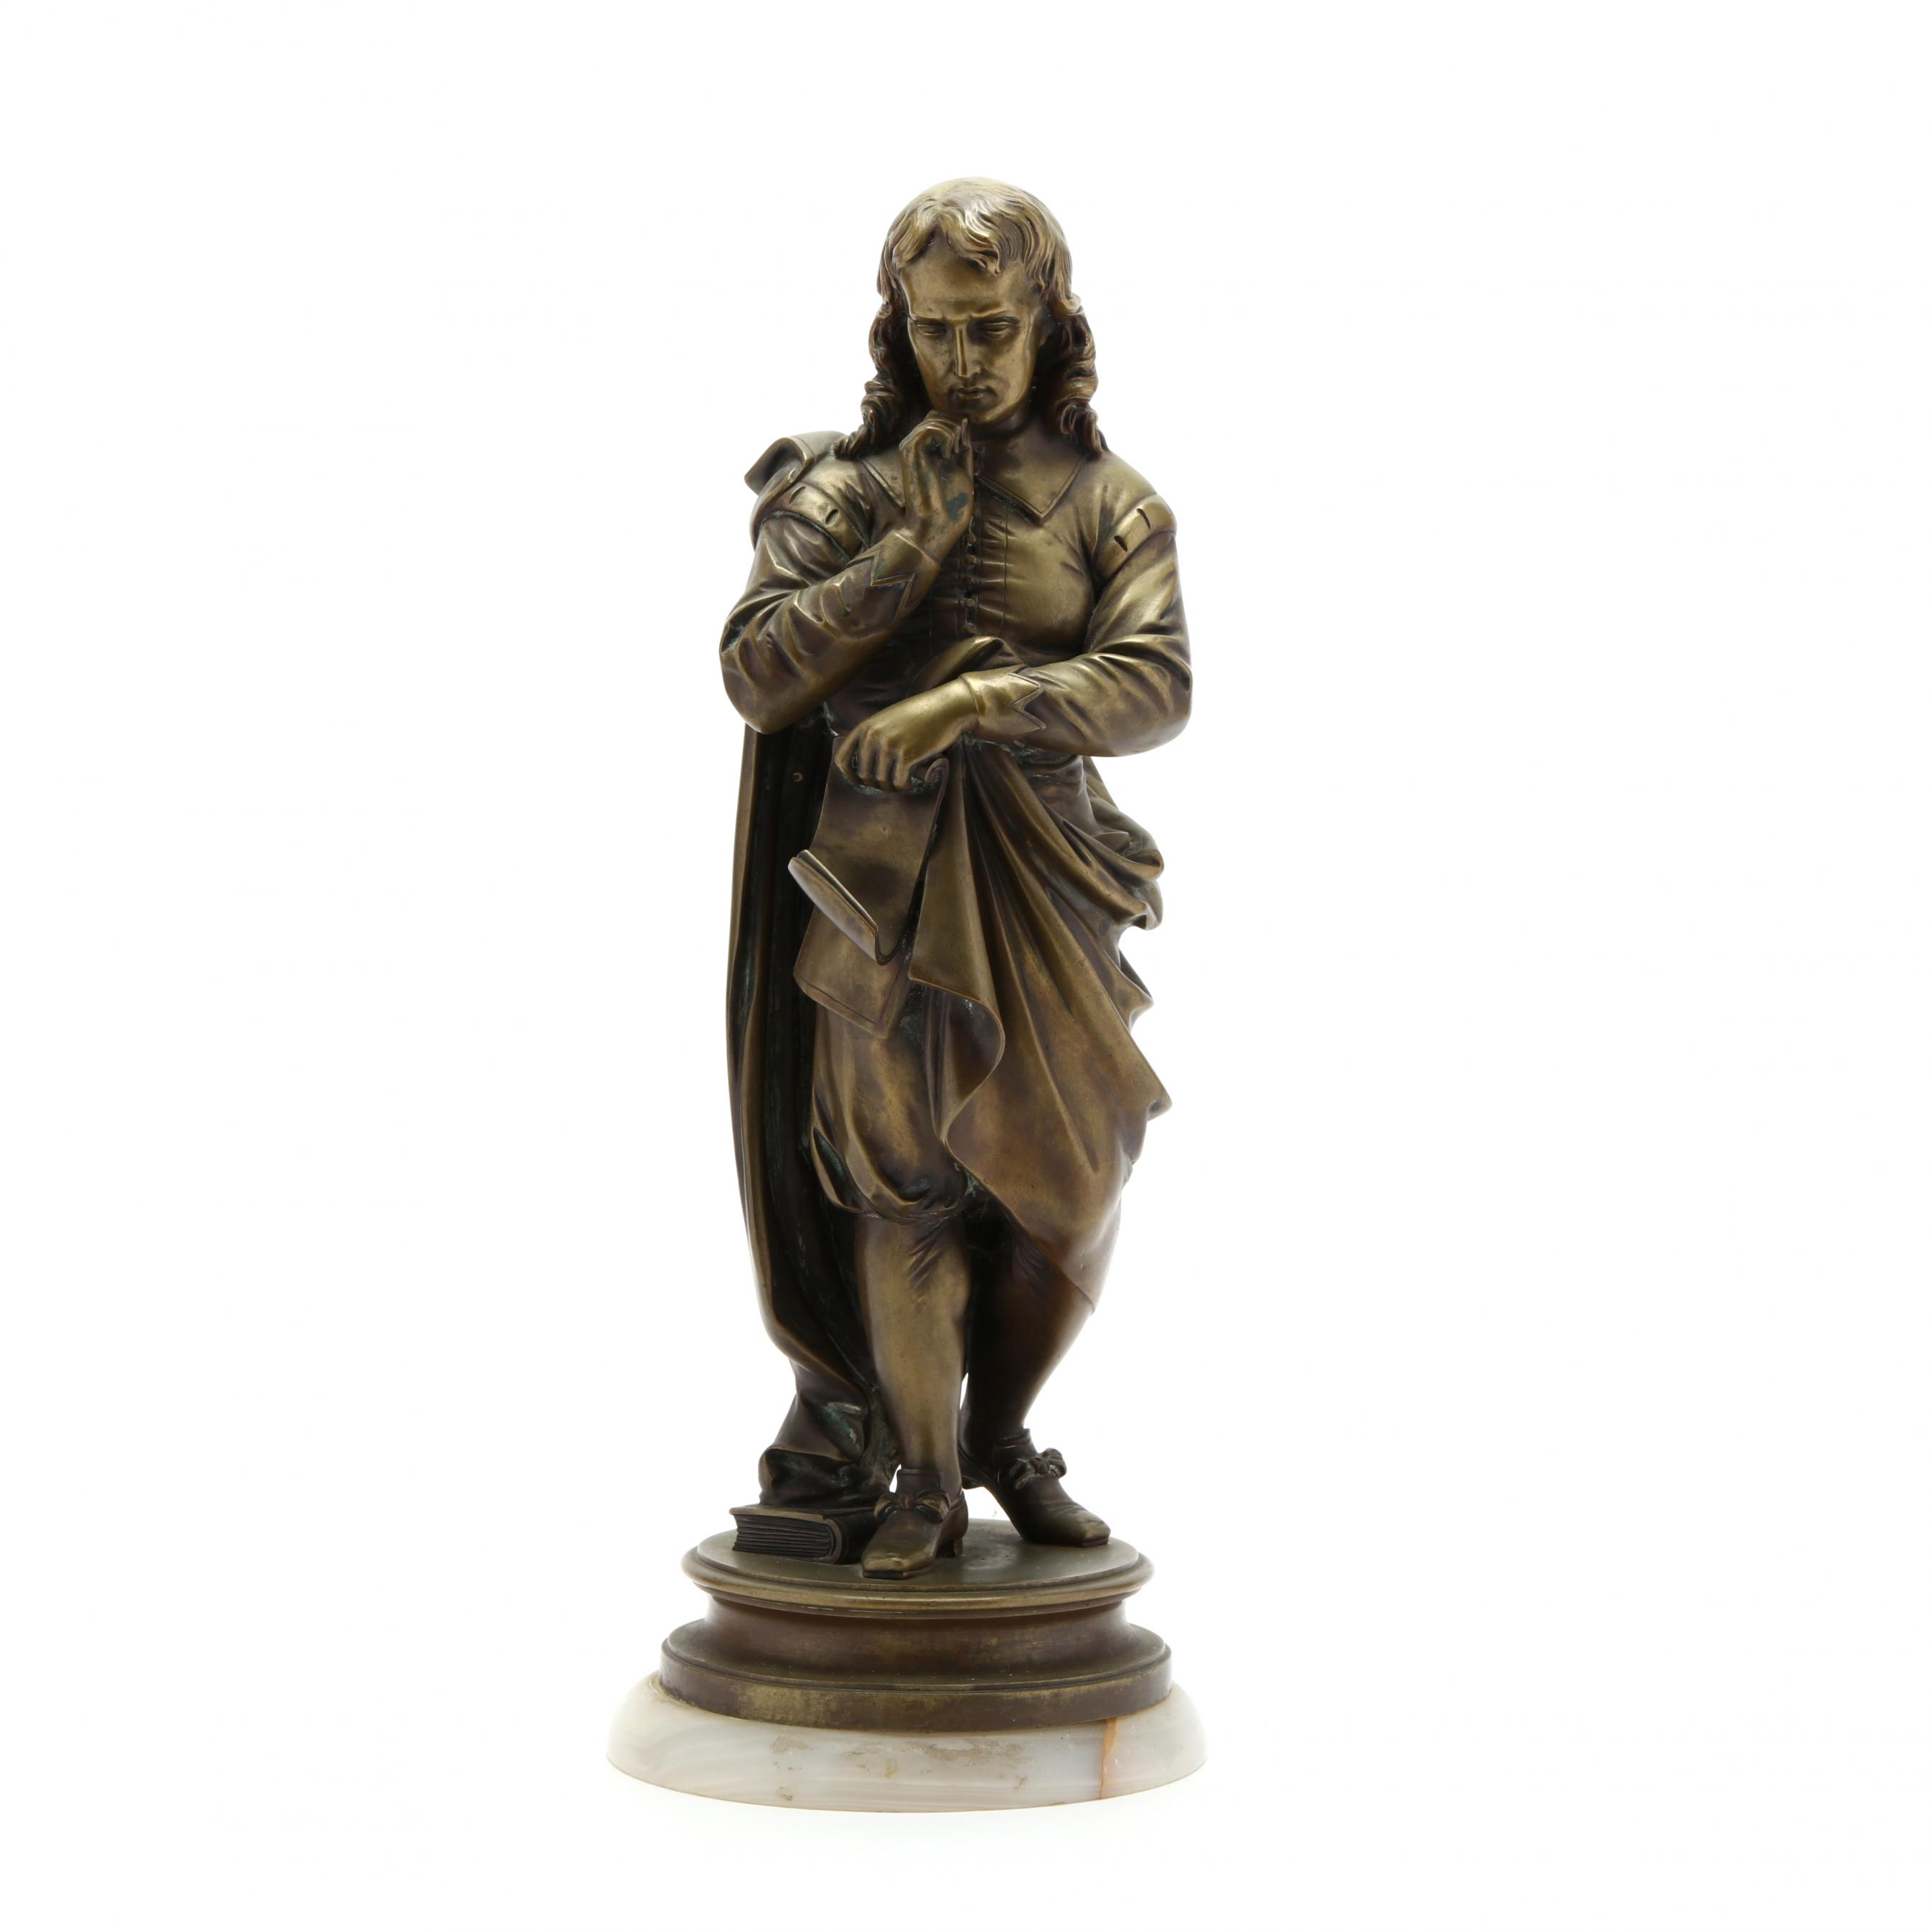 a-bronze-sculpture-of-a-philosopher